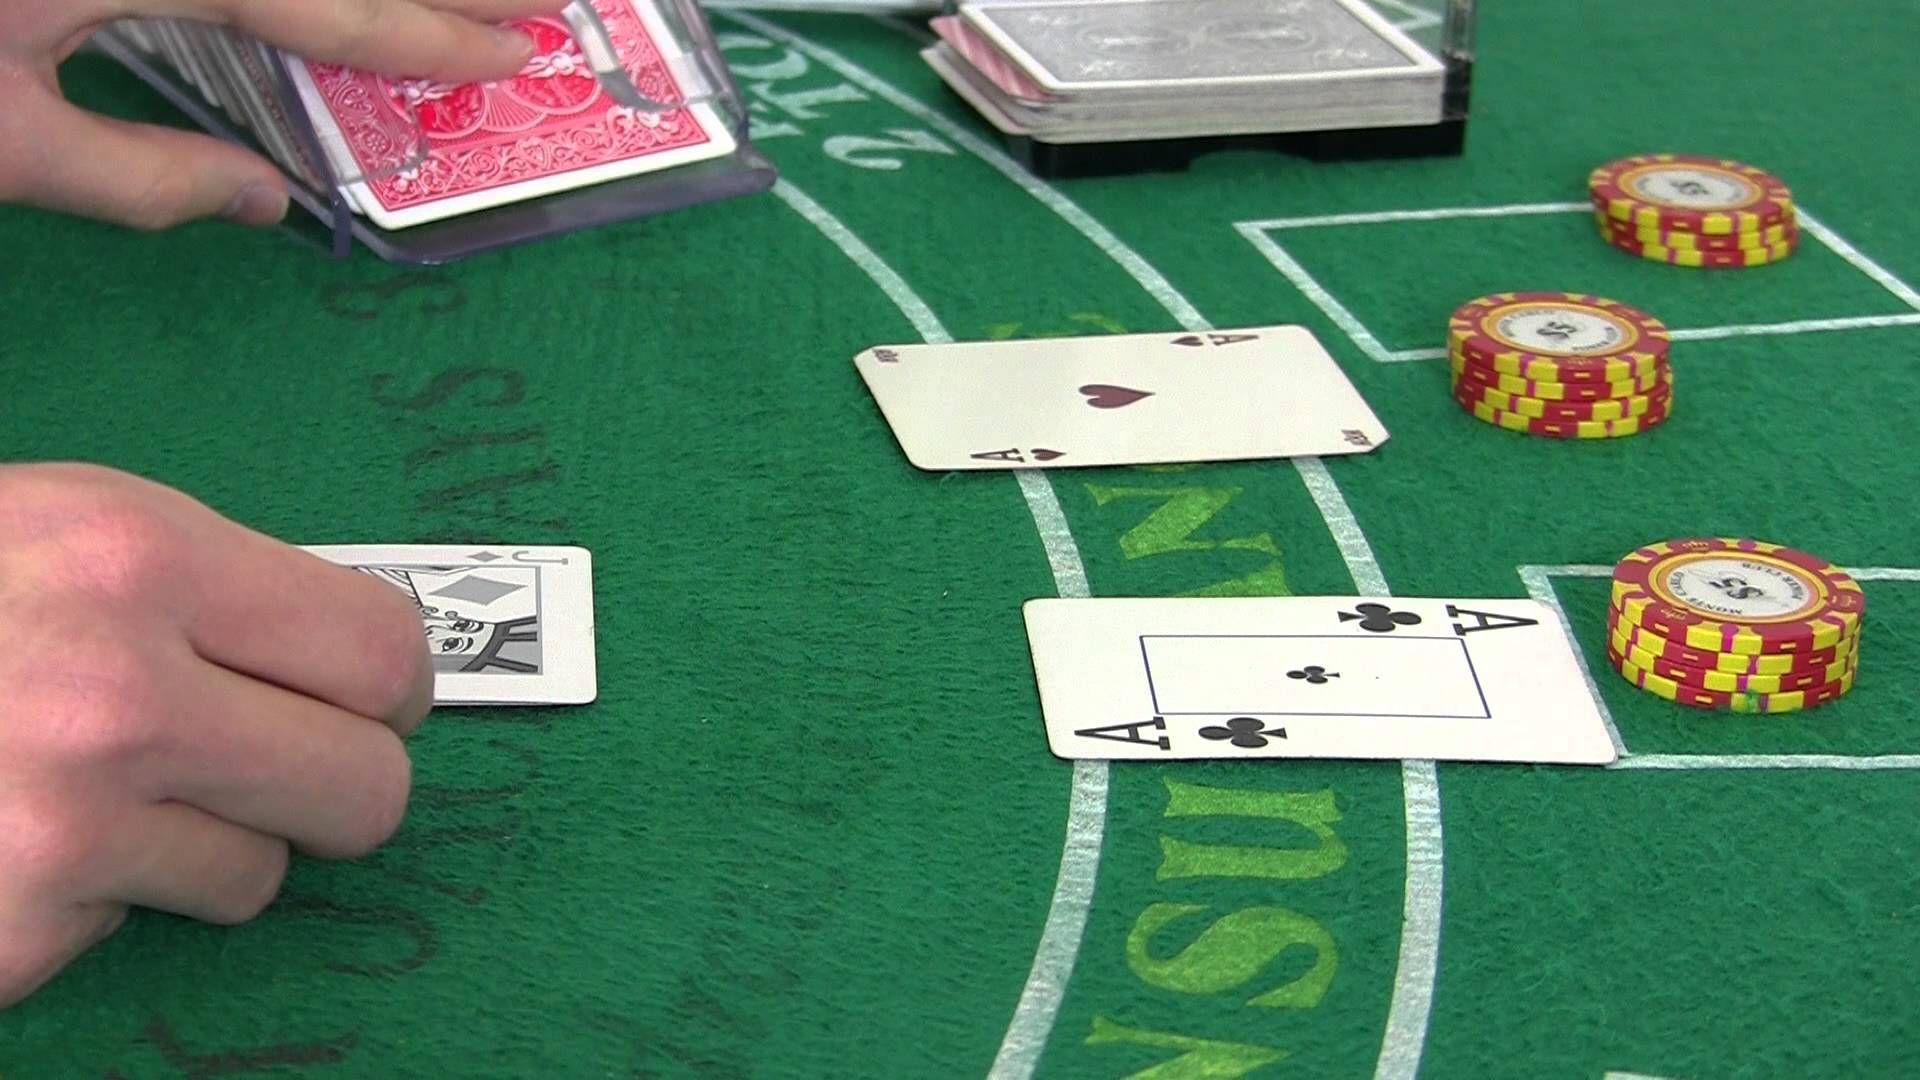 Dolar online poker bet 20370